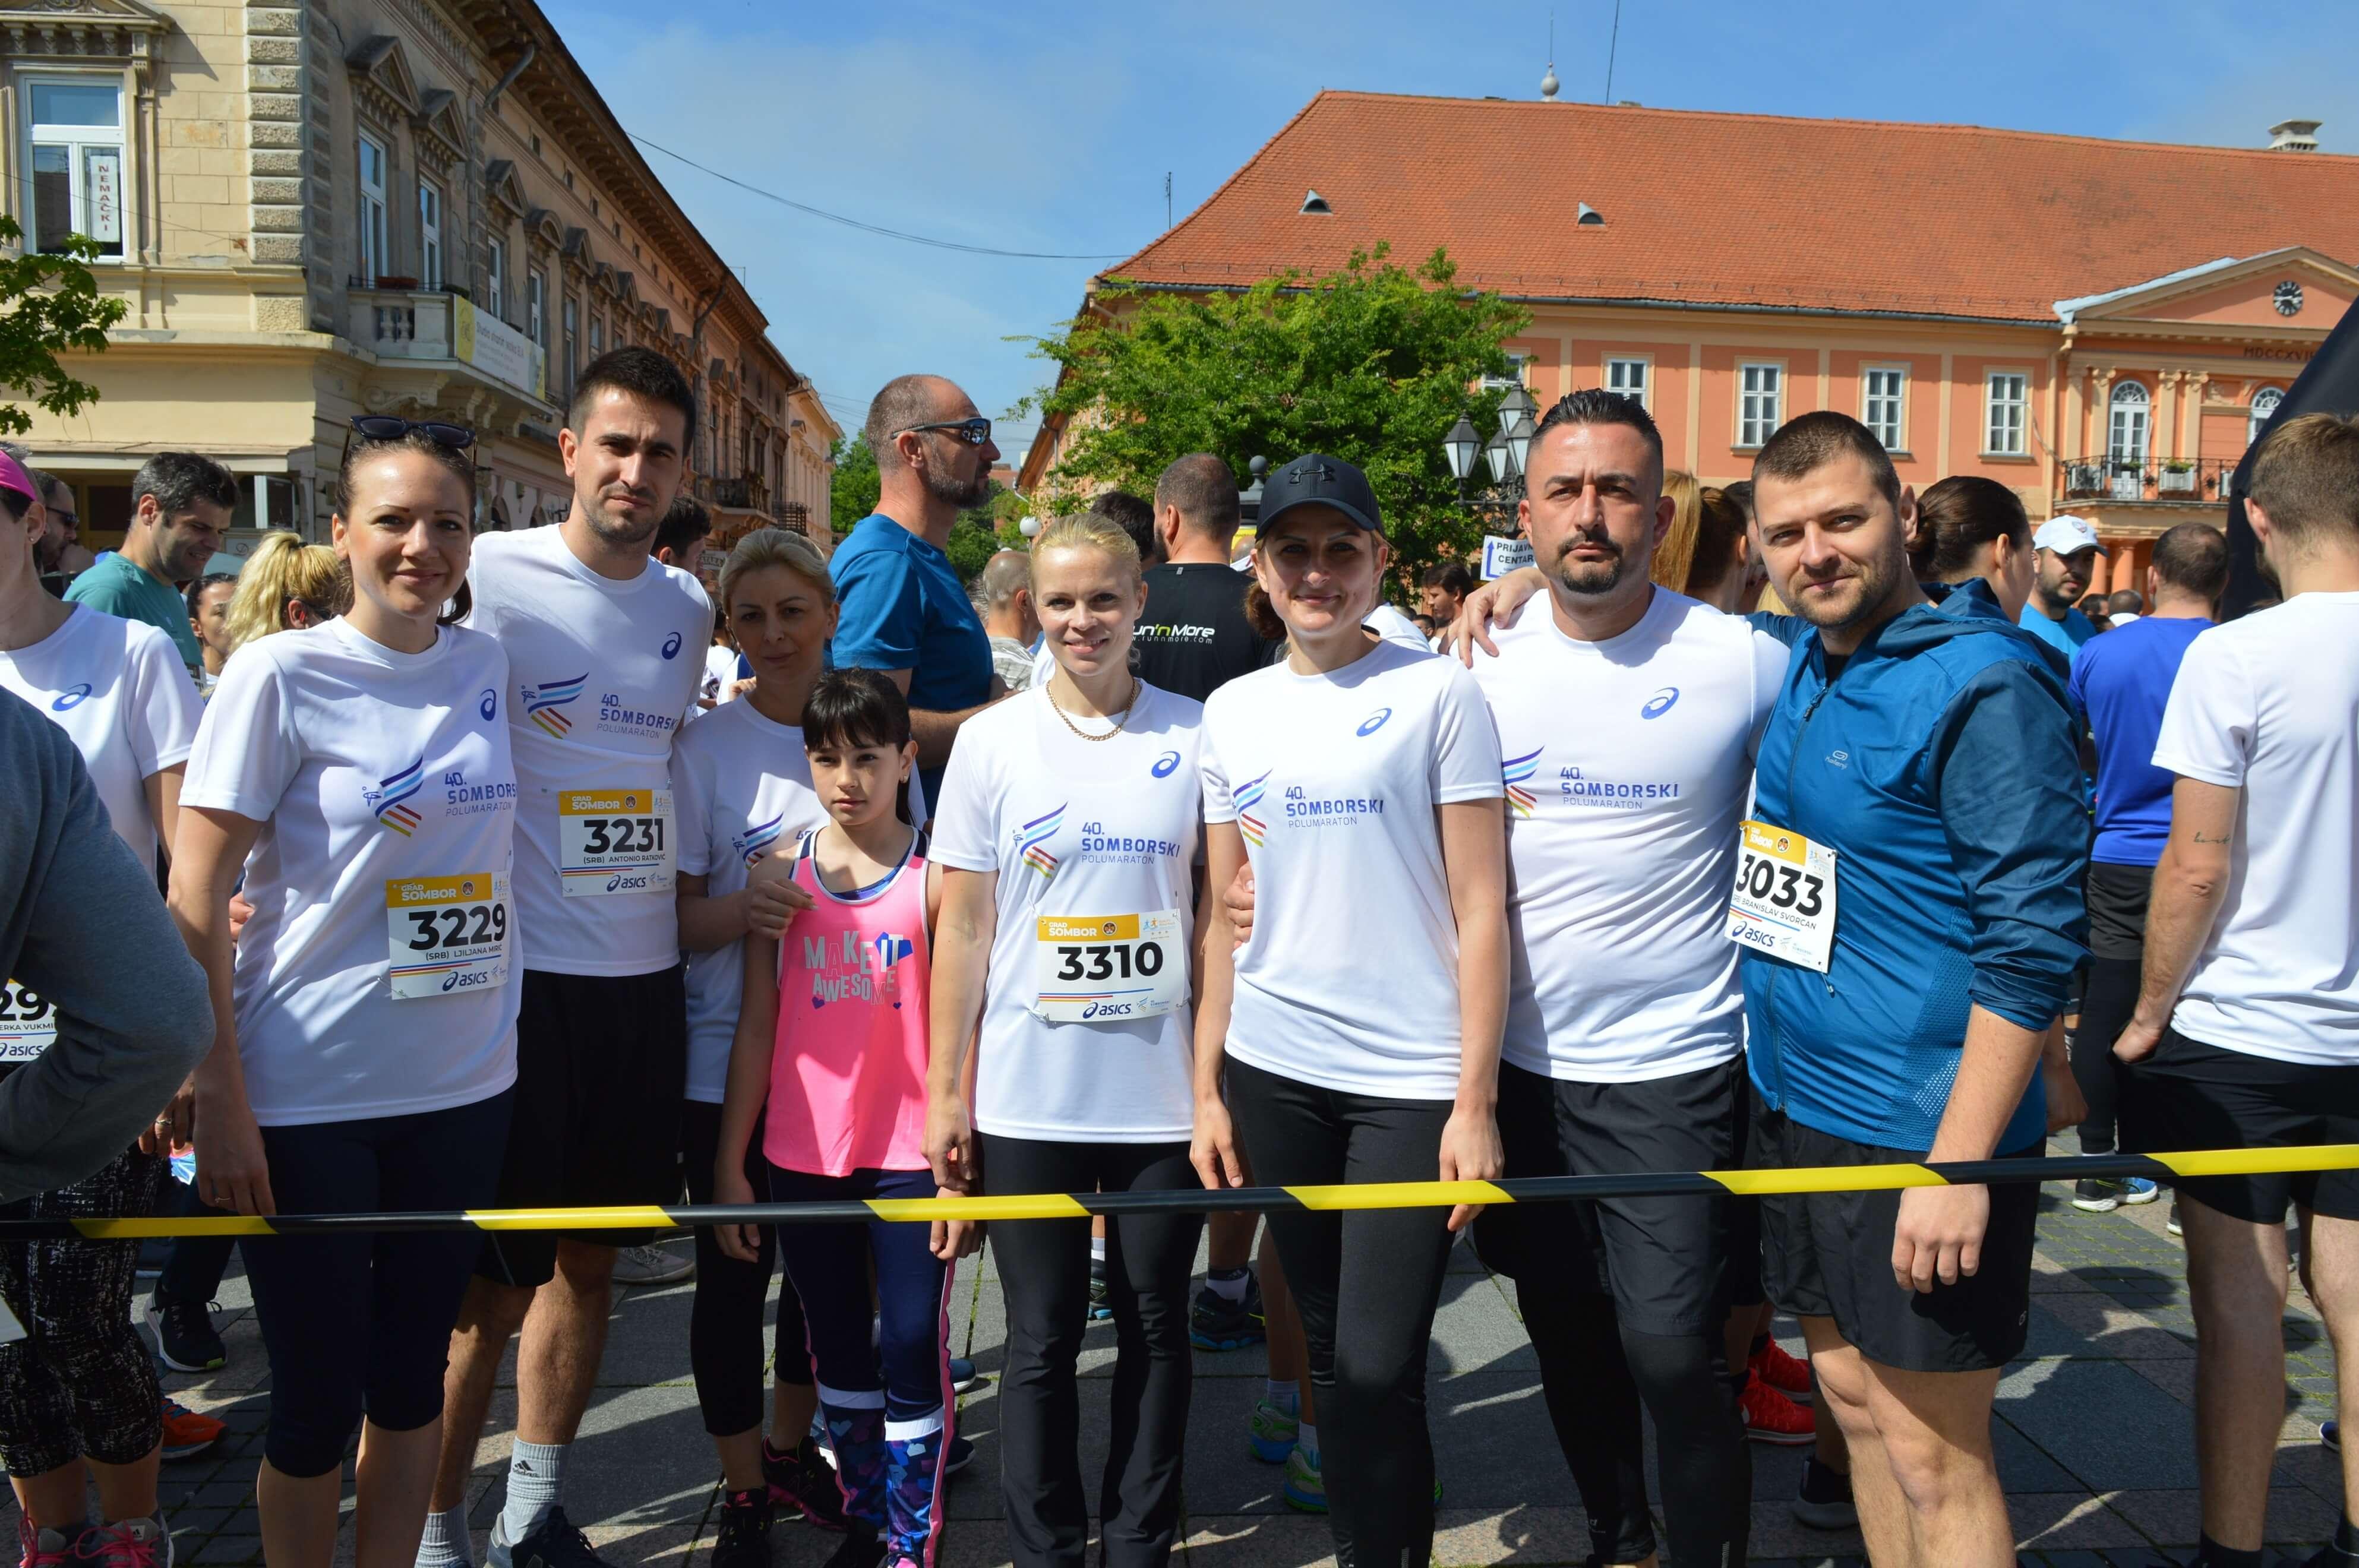 У трци су учествовали и представници Градске управе града Сомбора